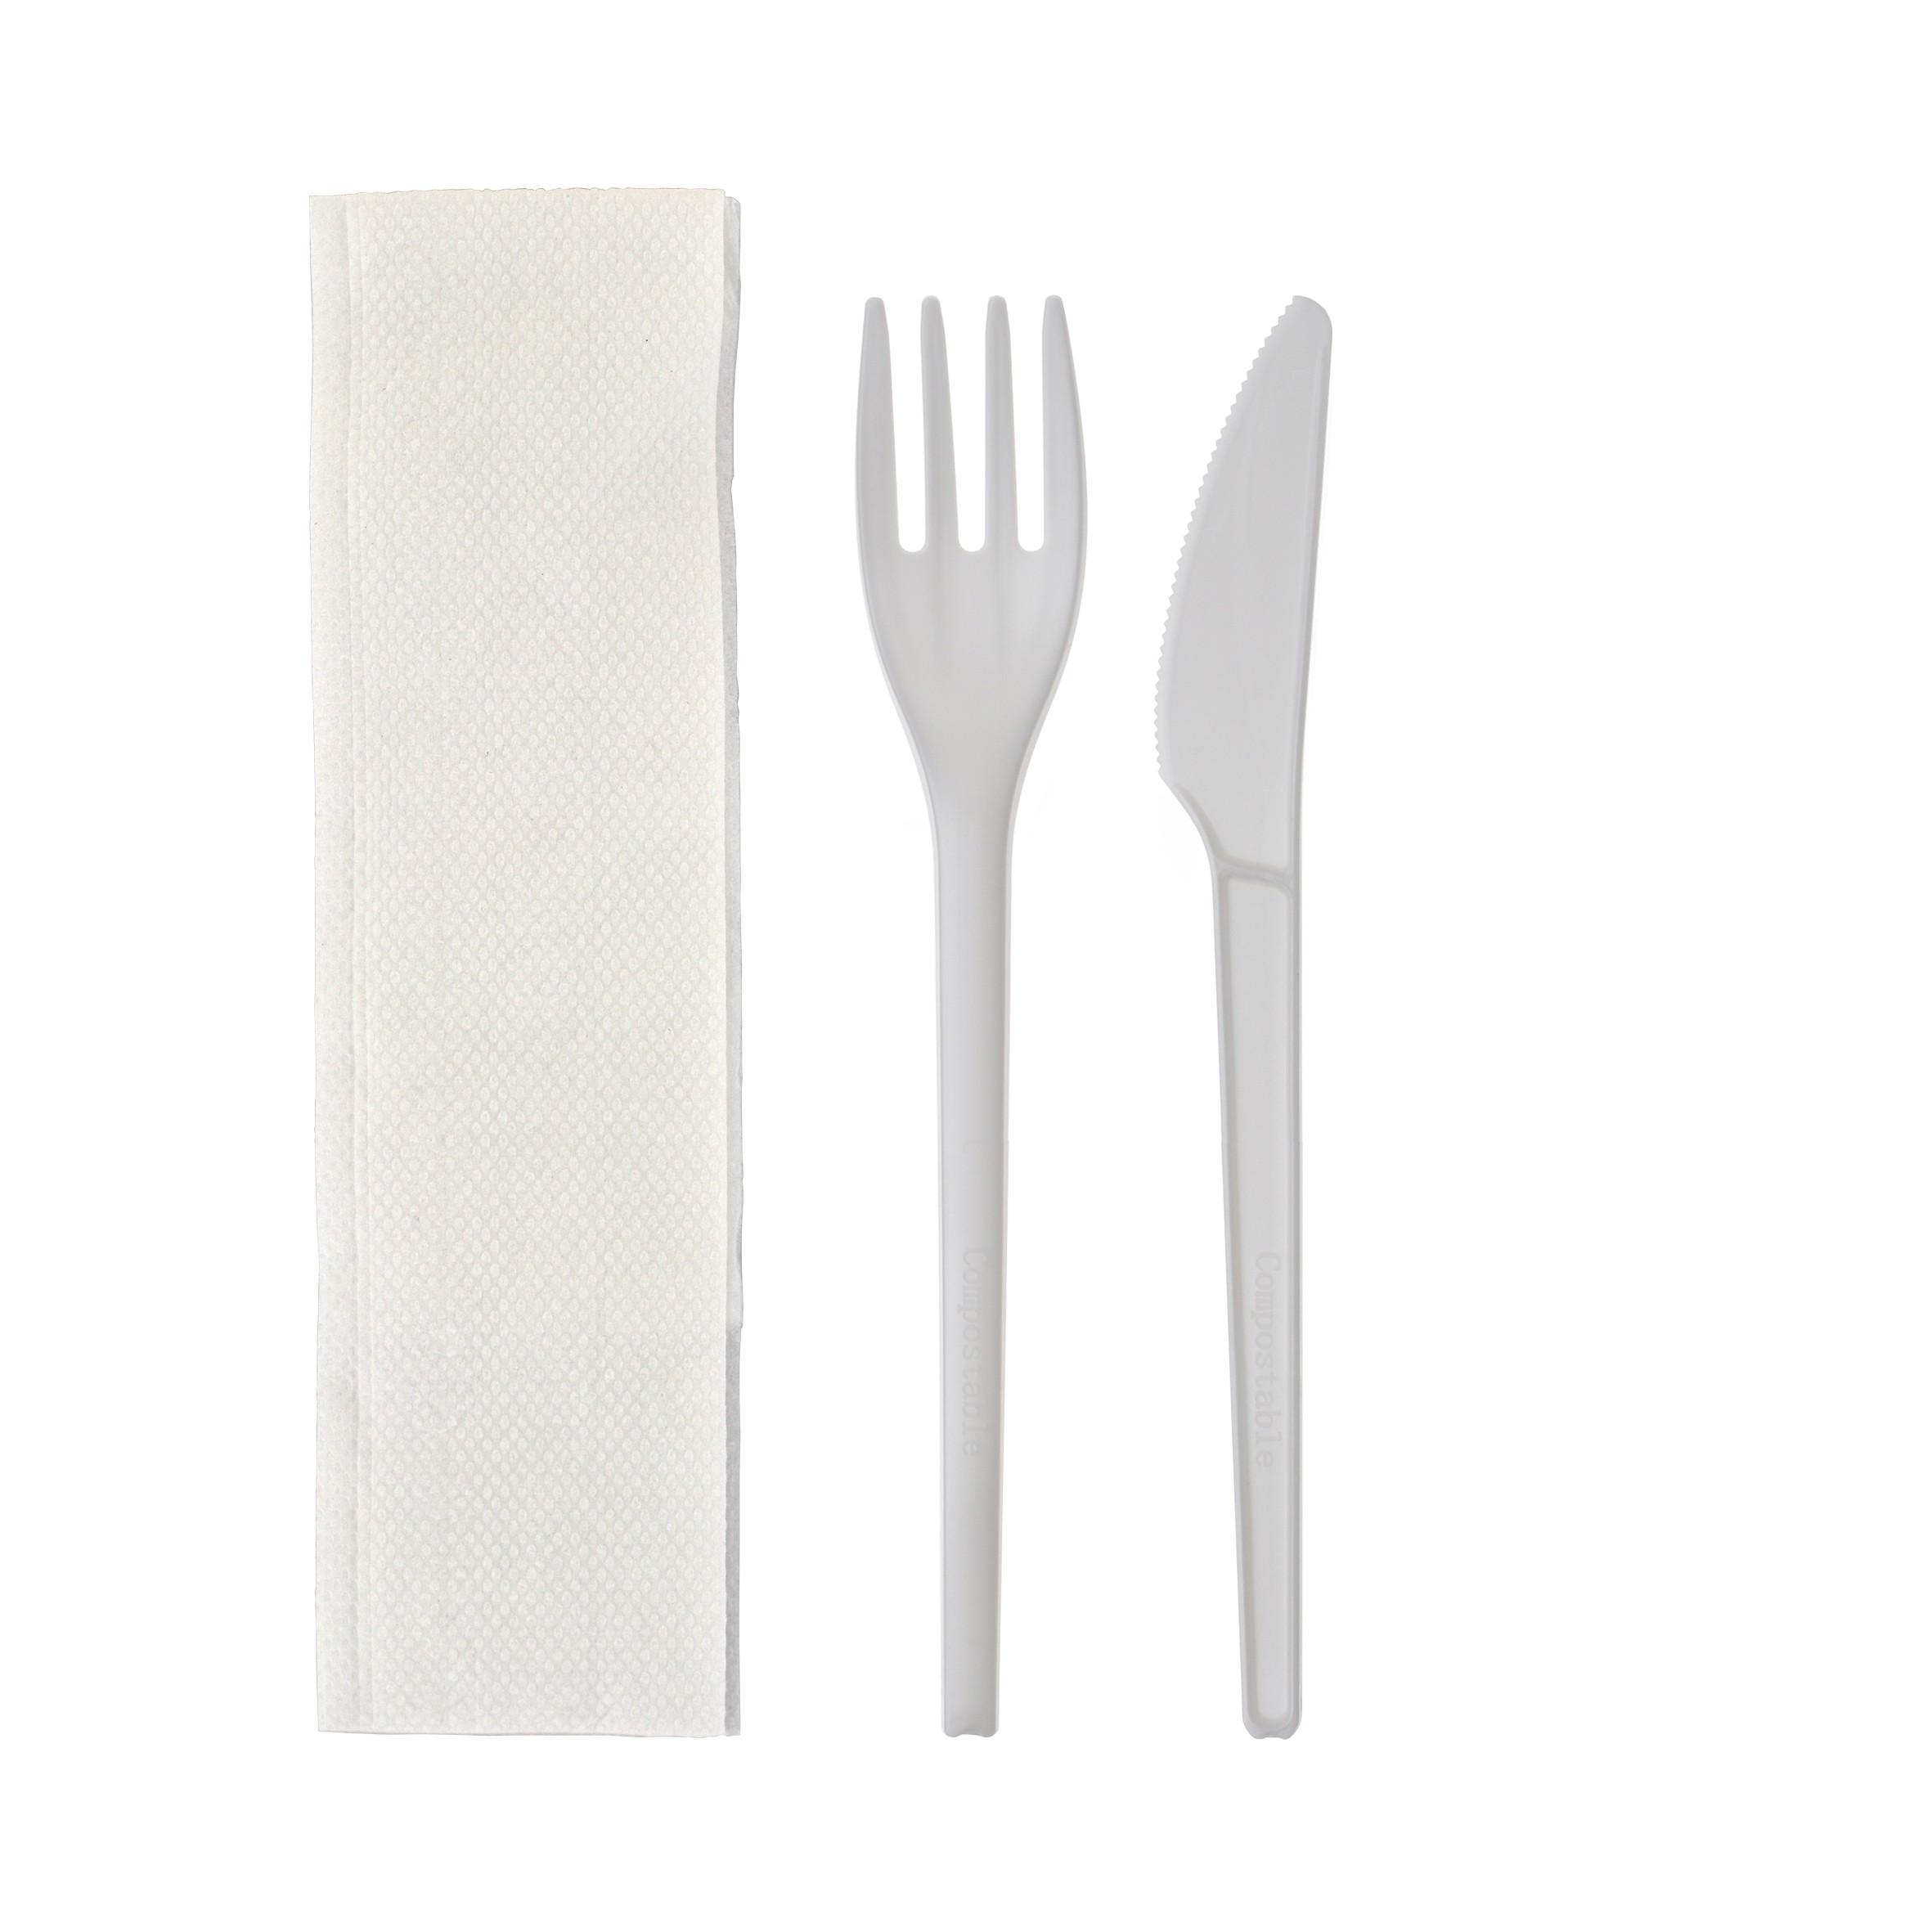 Kit couverts couteau fourchette serviette blanc vente à emporter et traiteurs